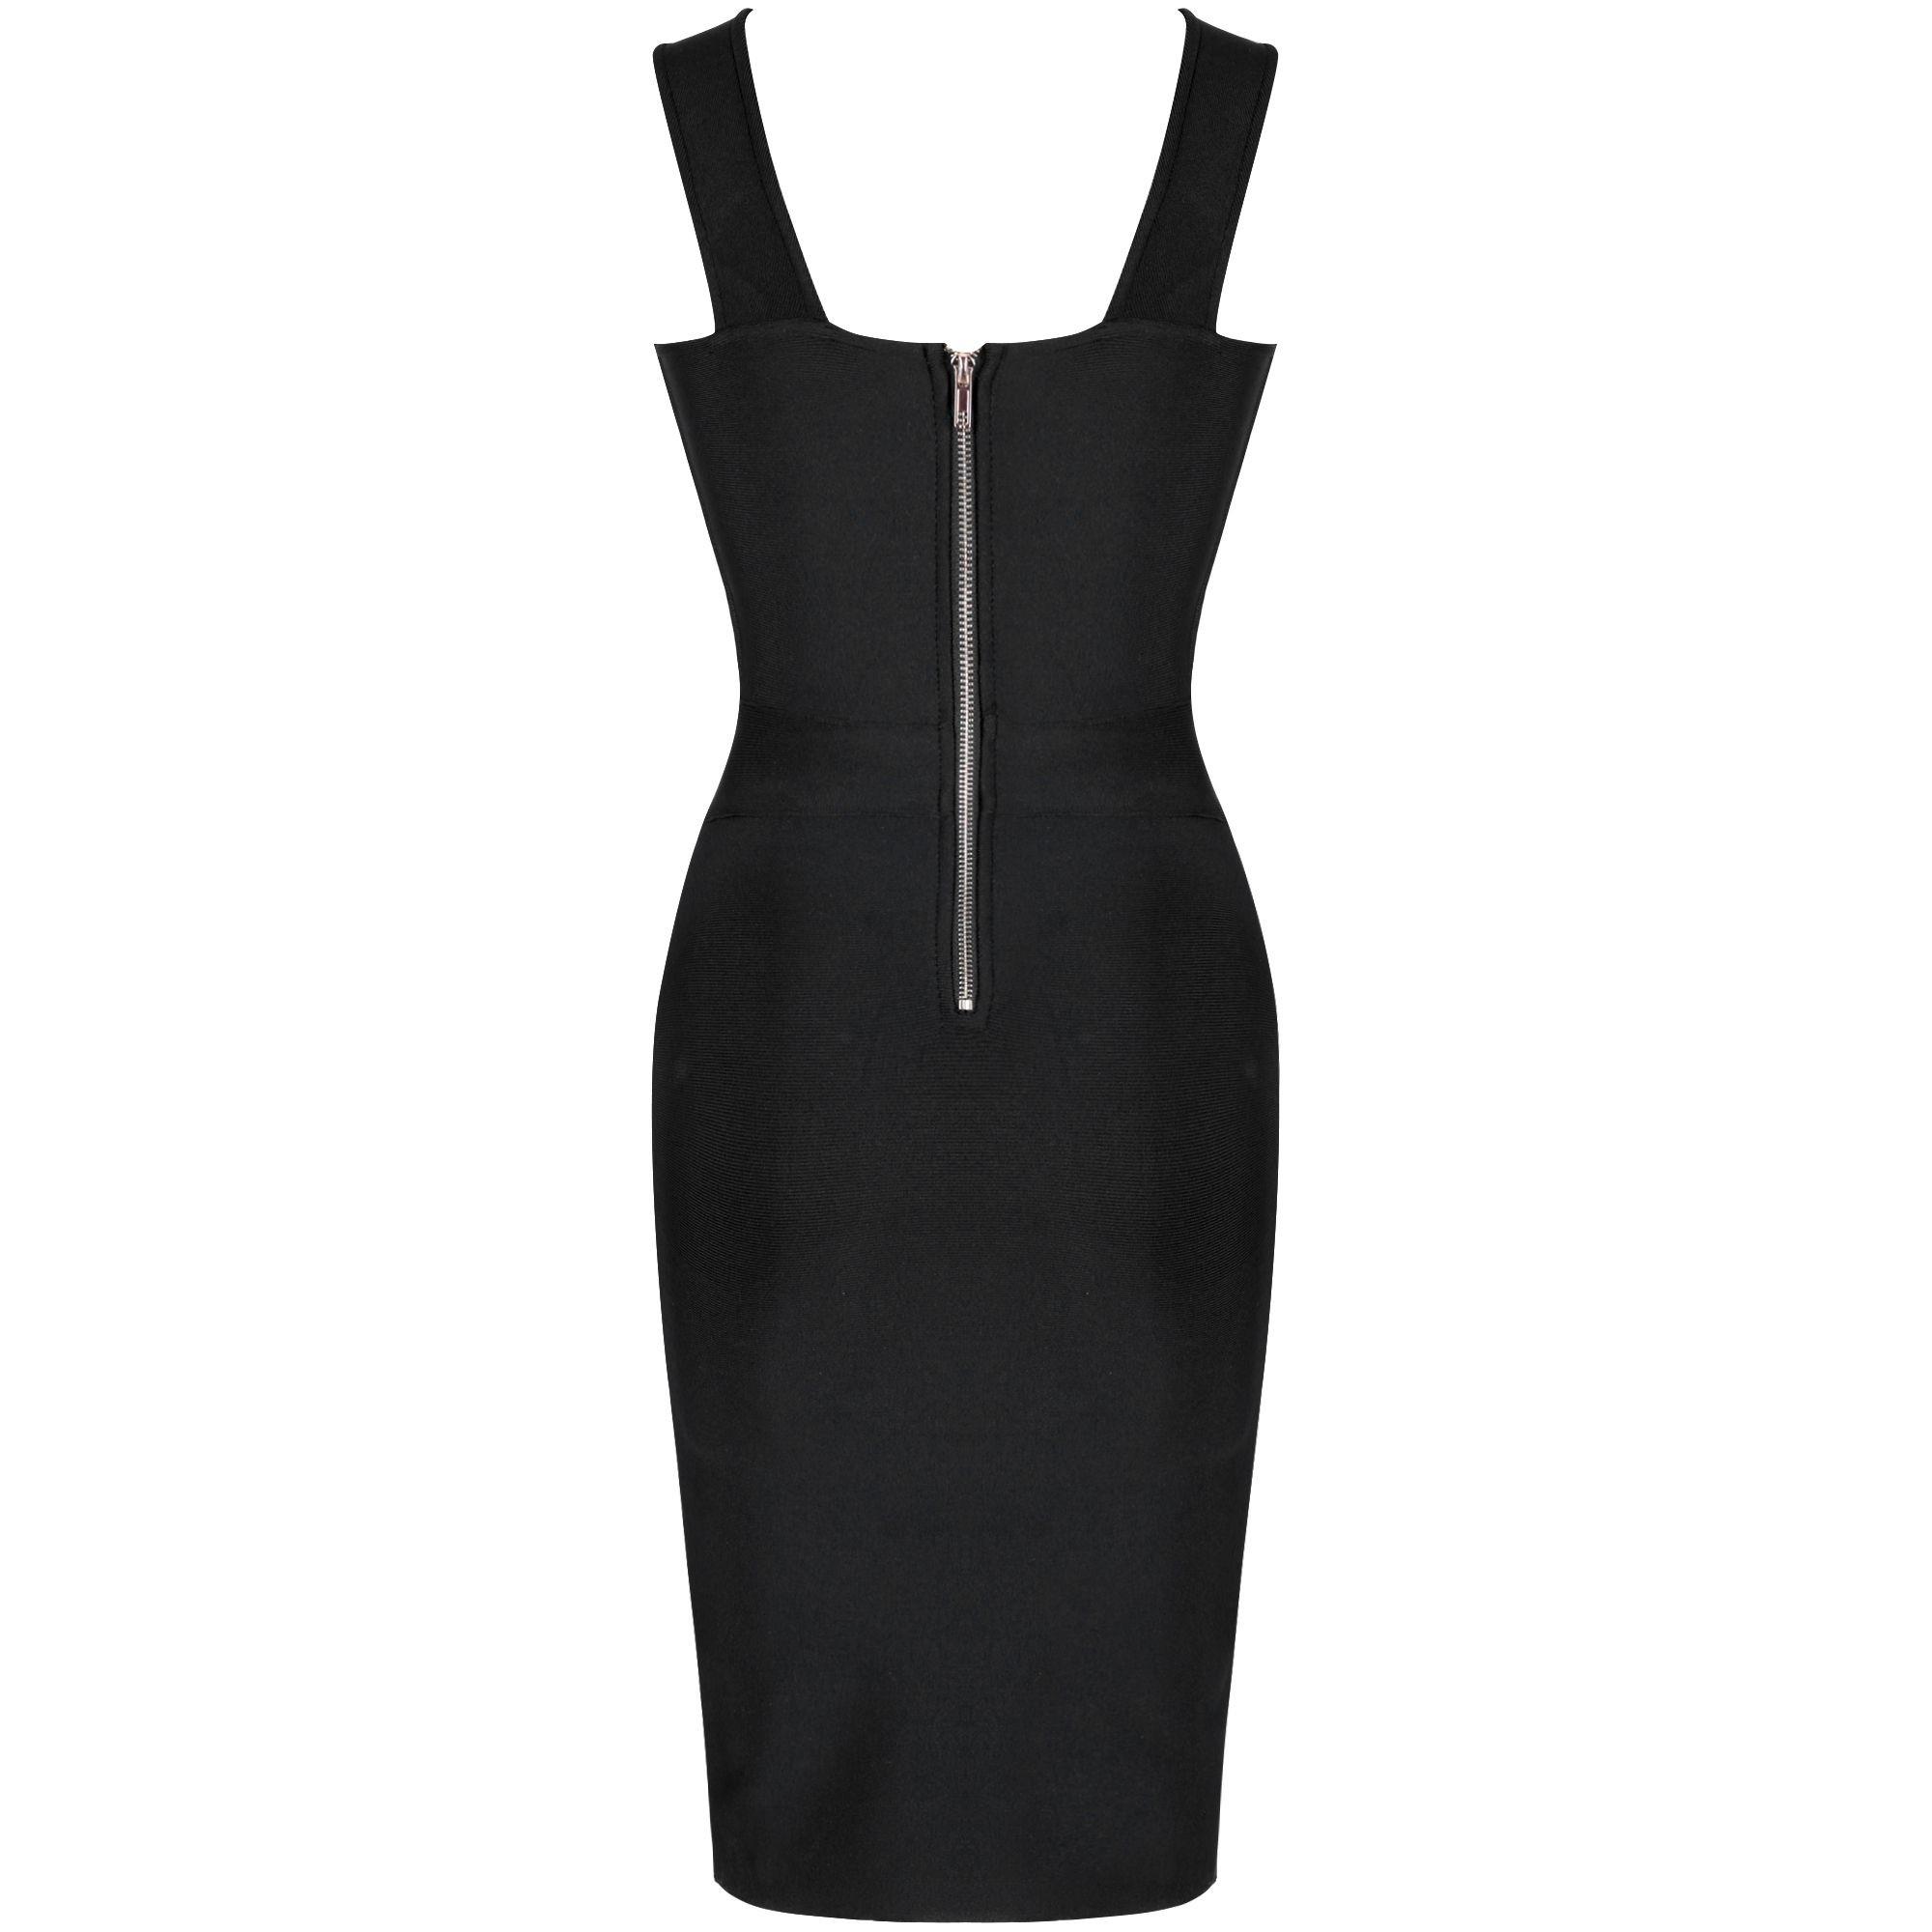 Black Cutout Mini Sleeveless Halter Bandage Dress PP19188-Black